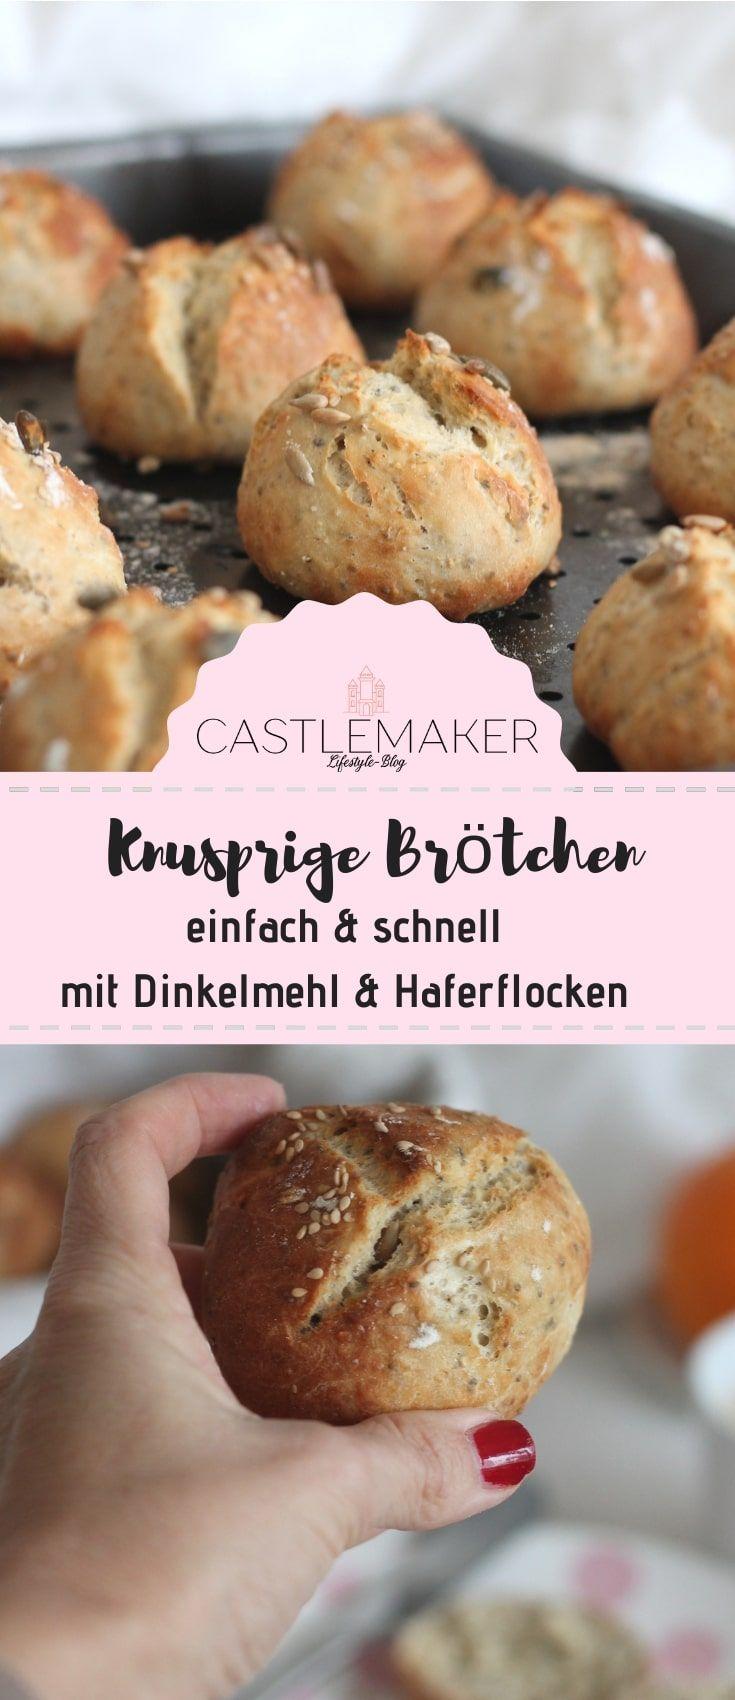 Knusprige Brötchen mit Haferflocken - Unglaublich einfach & schnell fertig « CASTLEMAKER Lifestyle Blog